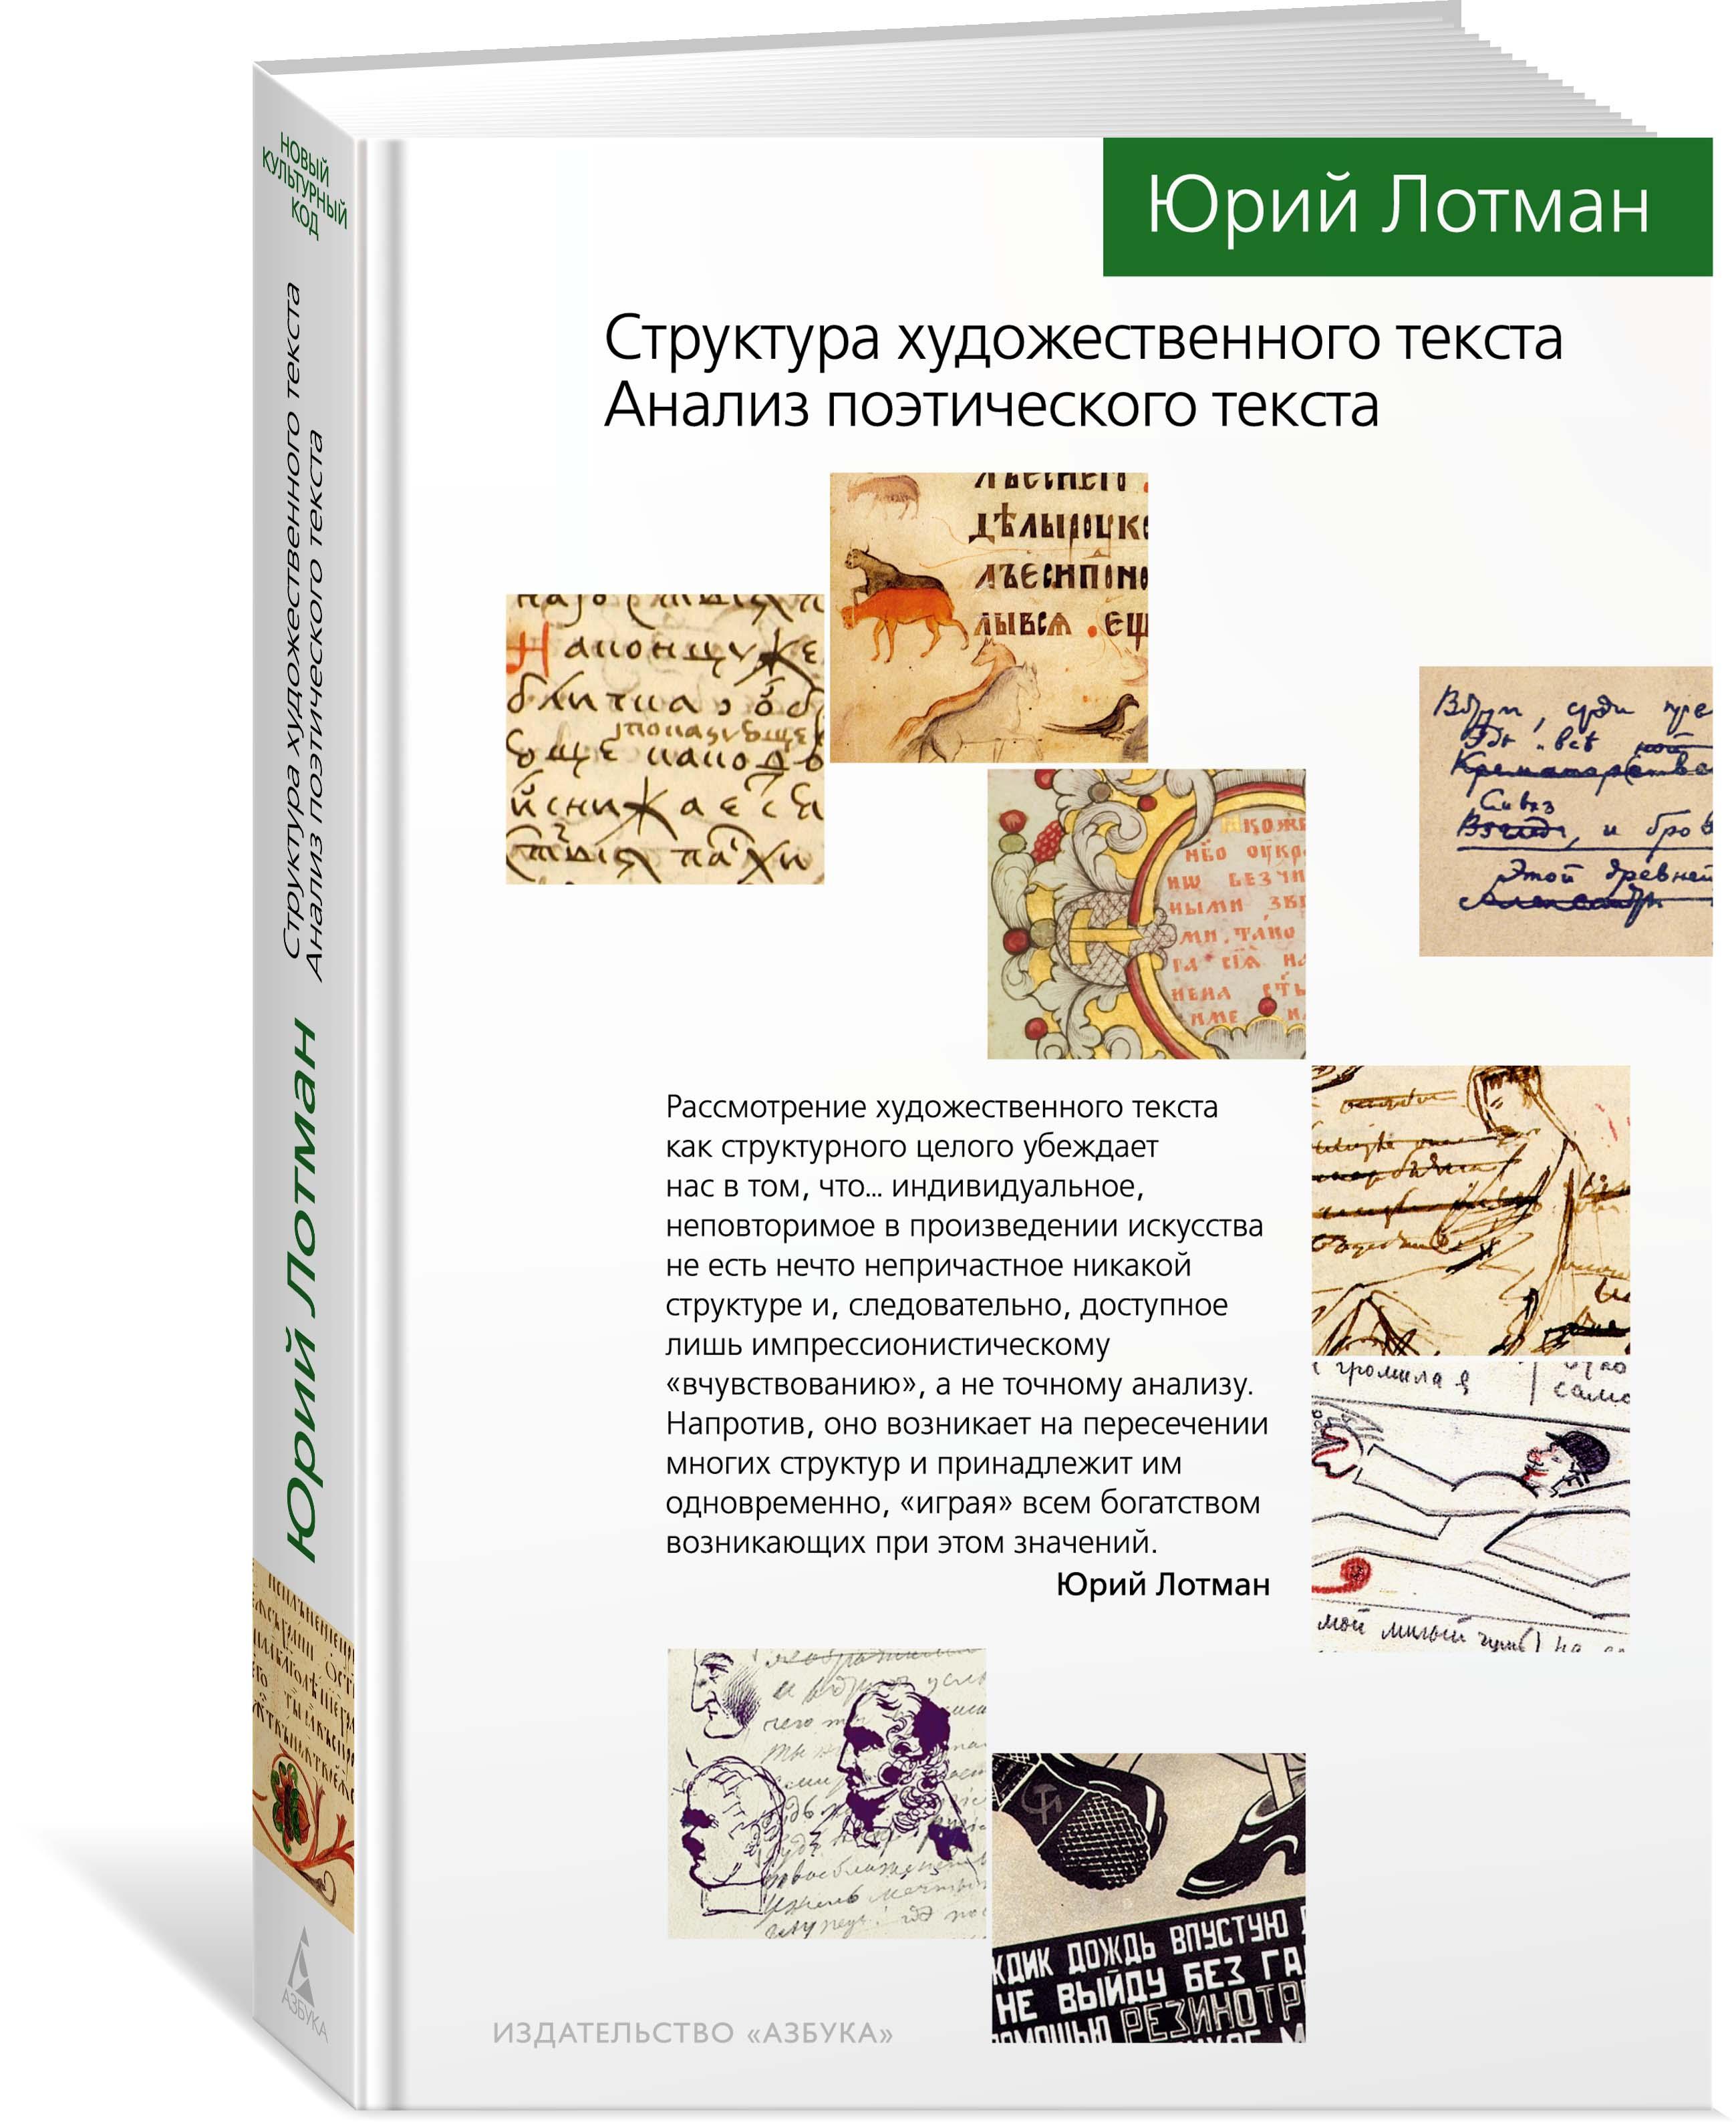 Юрий Лотман Структура художественного текста. Анализ поэтического текста тарифный план